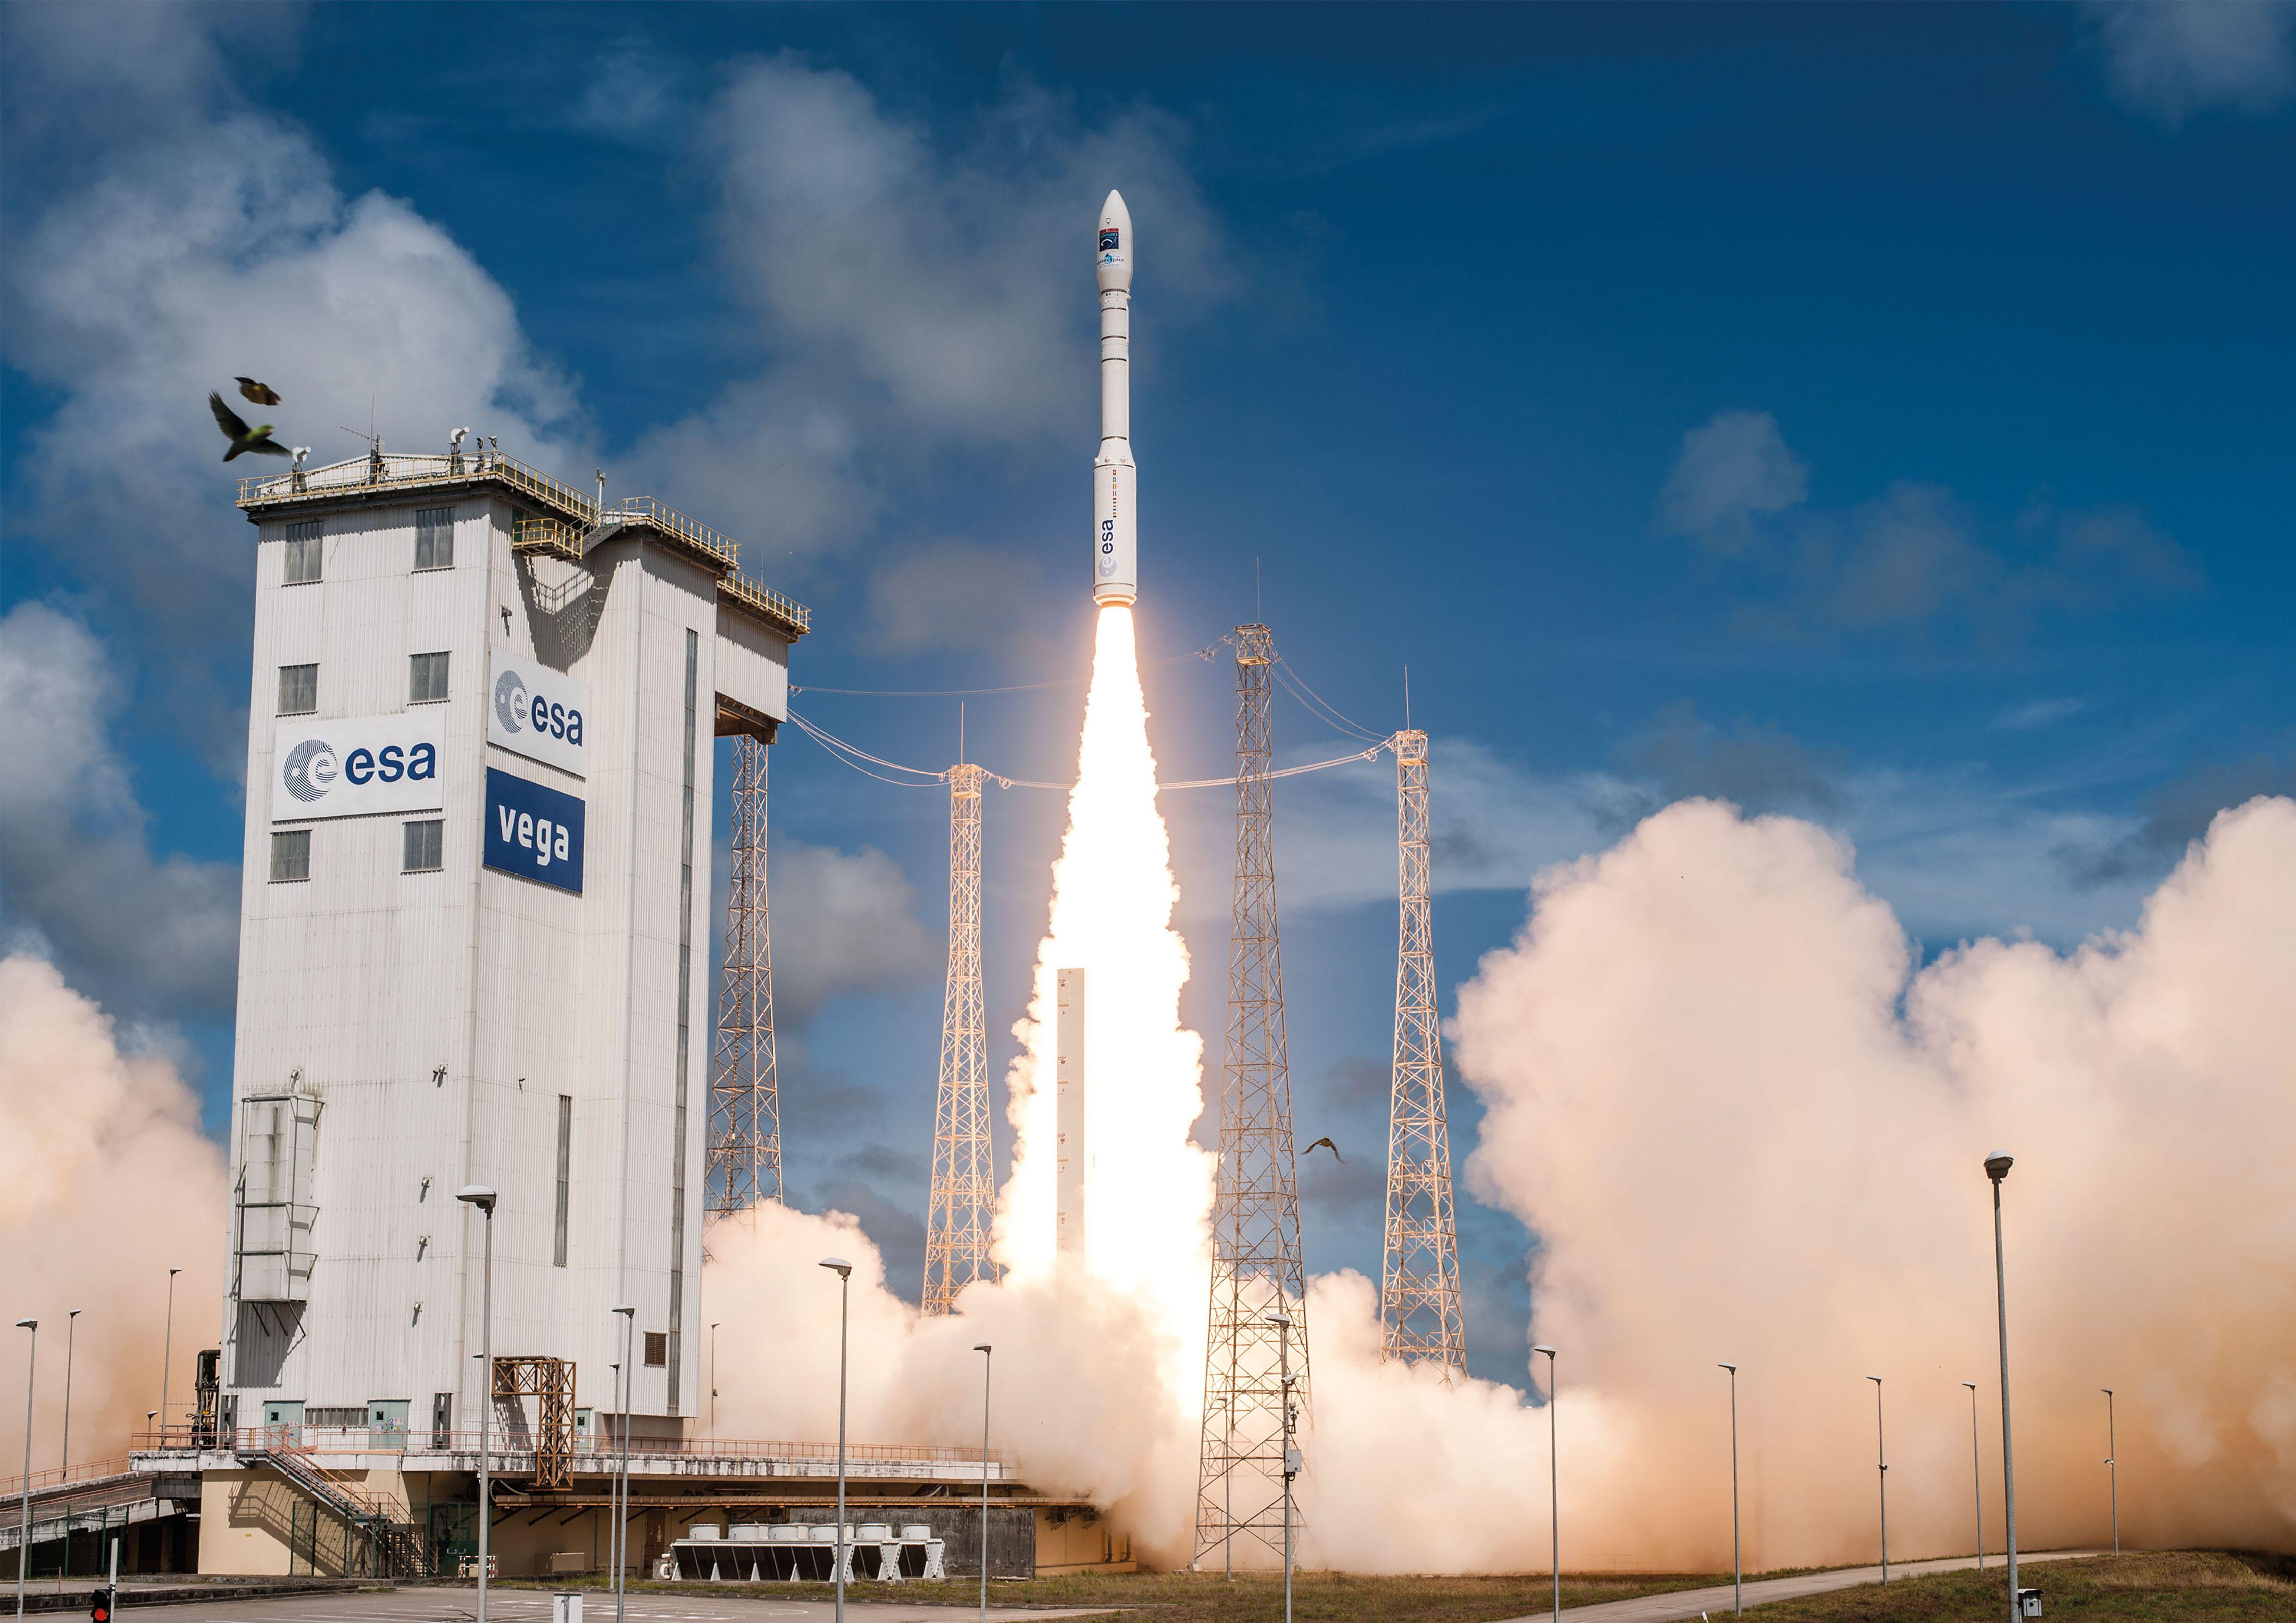 Calendrier Lancement Ariane 2019.Echec Du Lancement D Une Fusee Vega